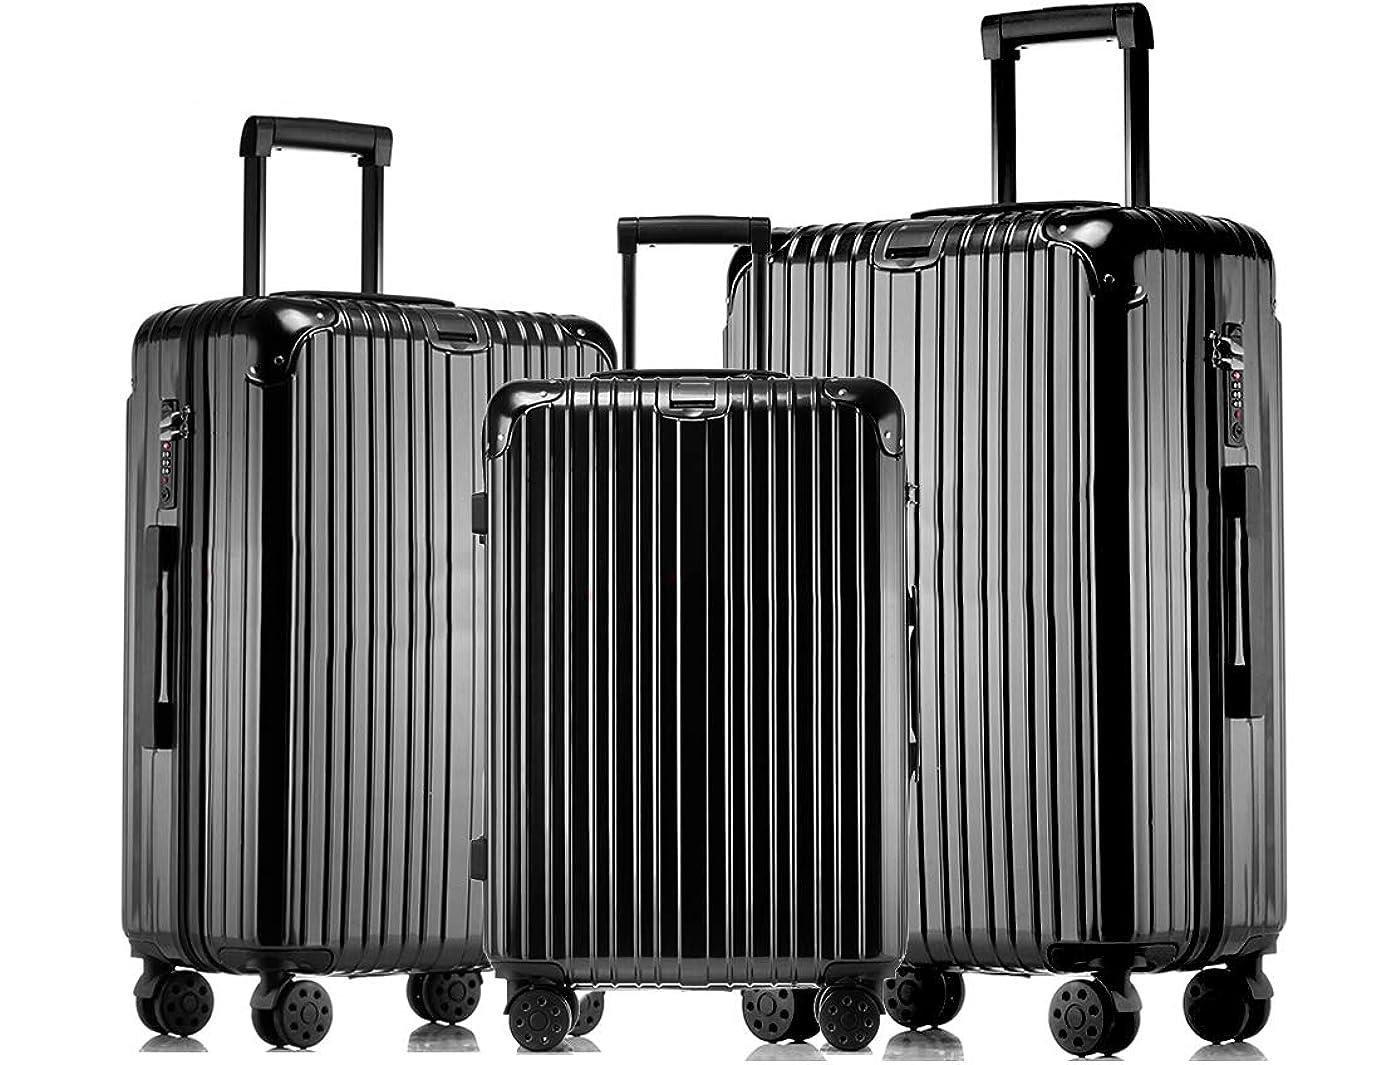 効率的にフルーツ野菜秘書JINXIANGMEI スーツケース 機内持ち込みスーツケース TSAロック キャスター 海外旅行 3点セット(S+M+L)3003